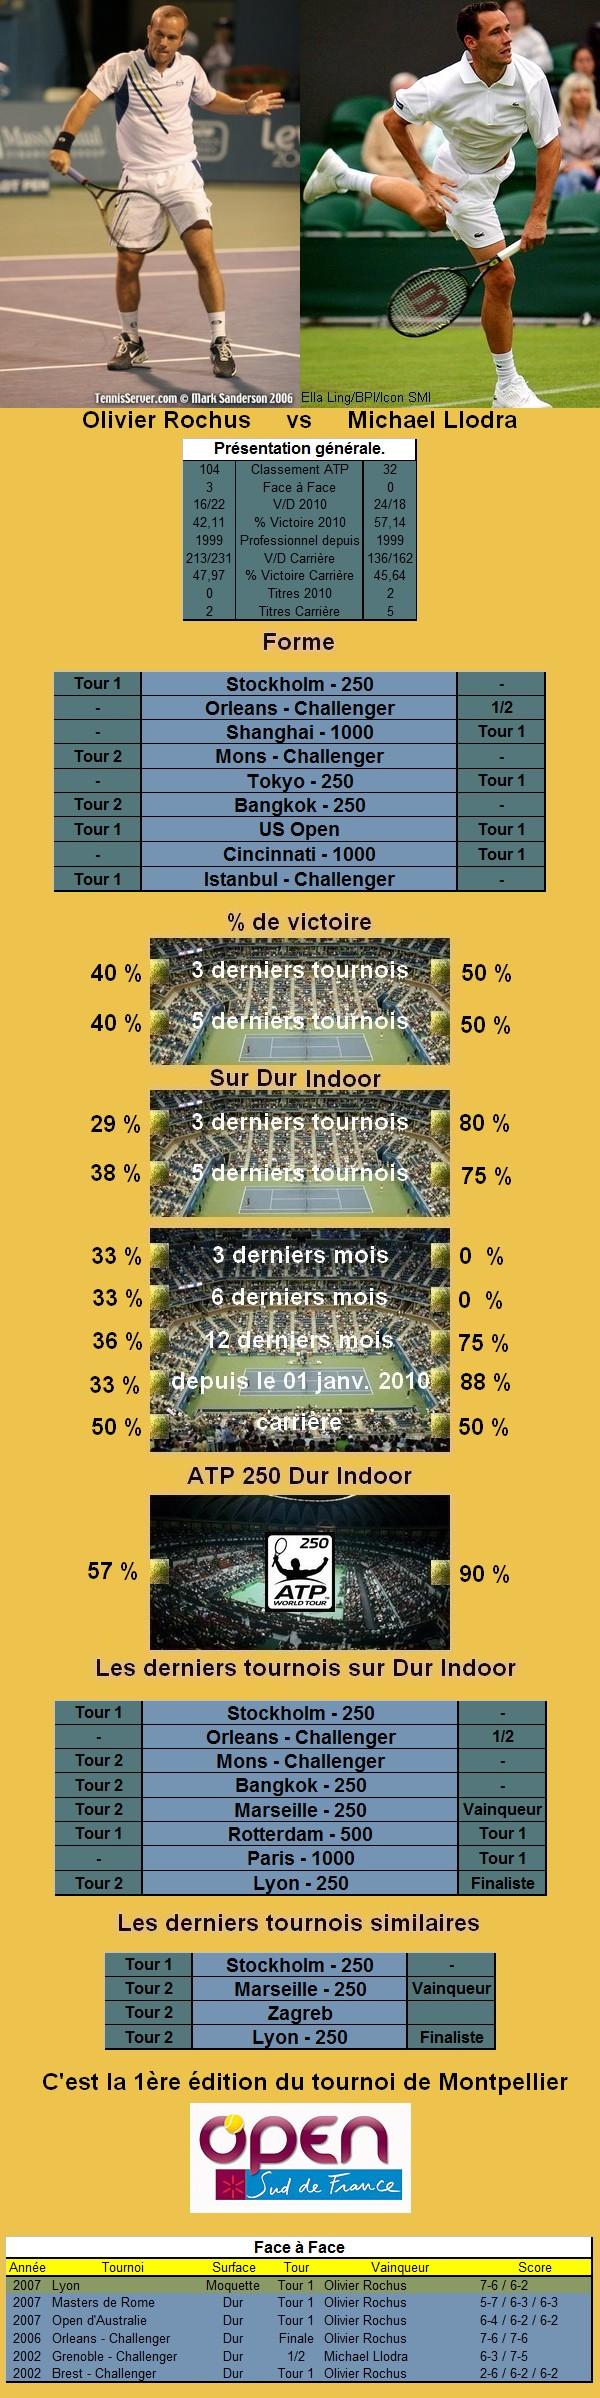 Statistiques tennis de Rochus contre Llodra à Montpellier